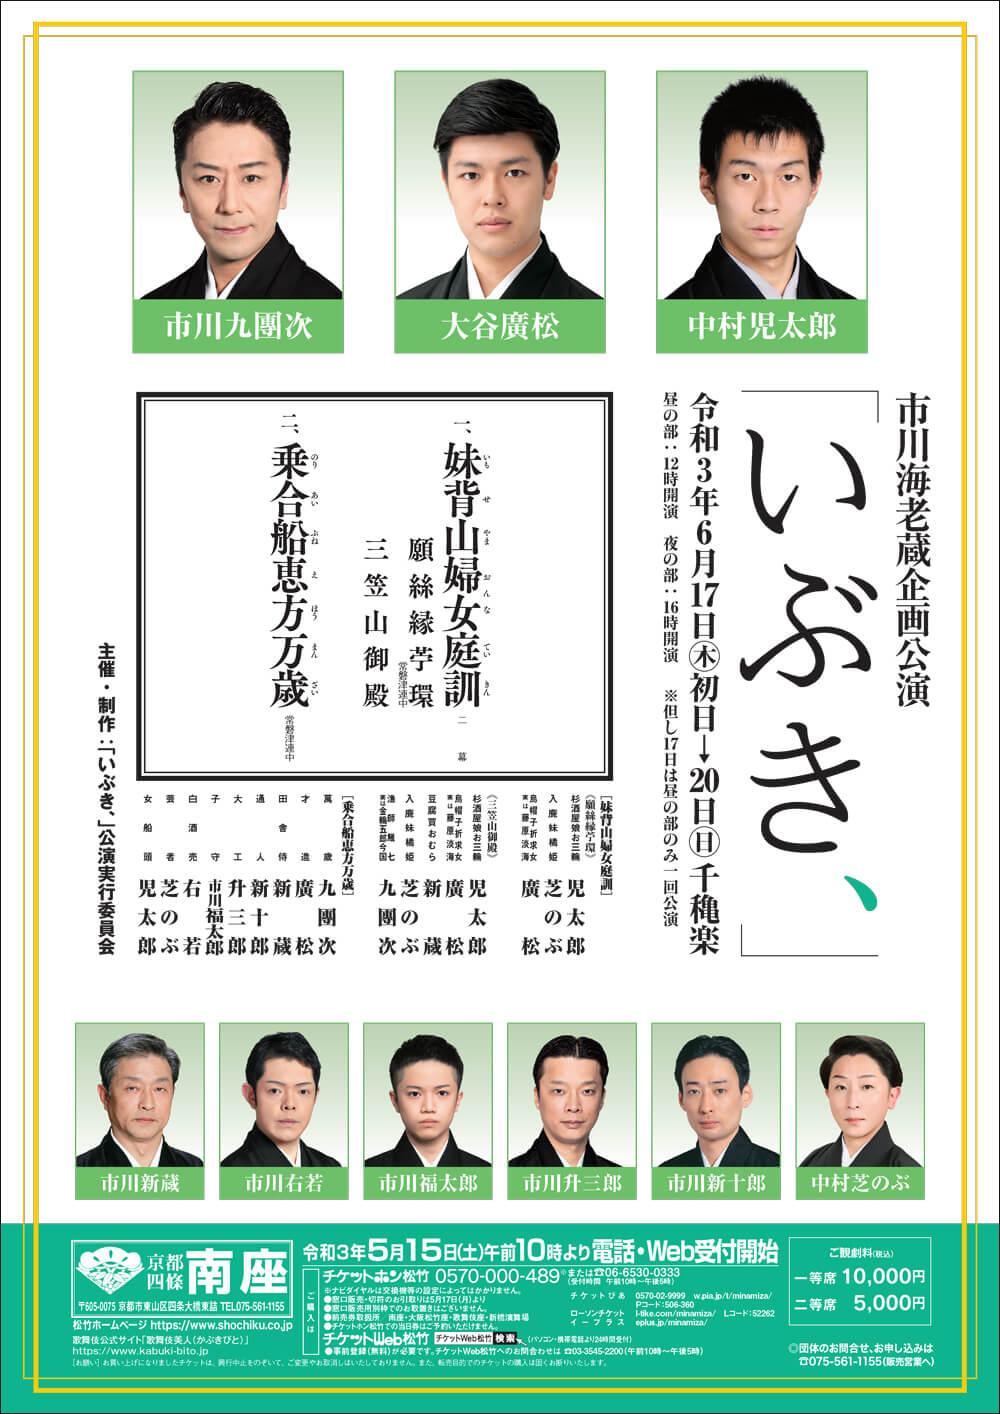 『いぶき、』チラシ。海老蔵が主演し、児太郎、九團次、廣松も出演する『海老蔵歌舞伎』(6月4日~13日)から4日後の開幕だ。